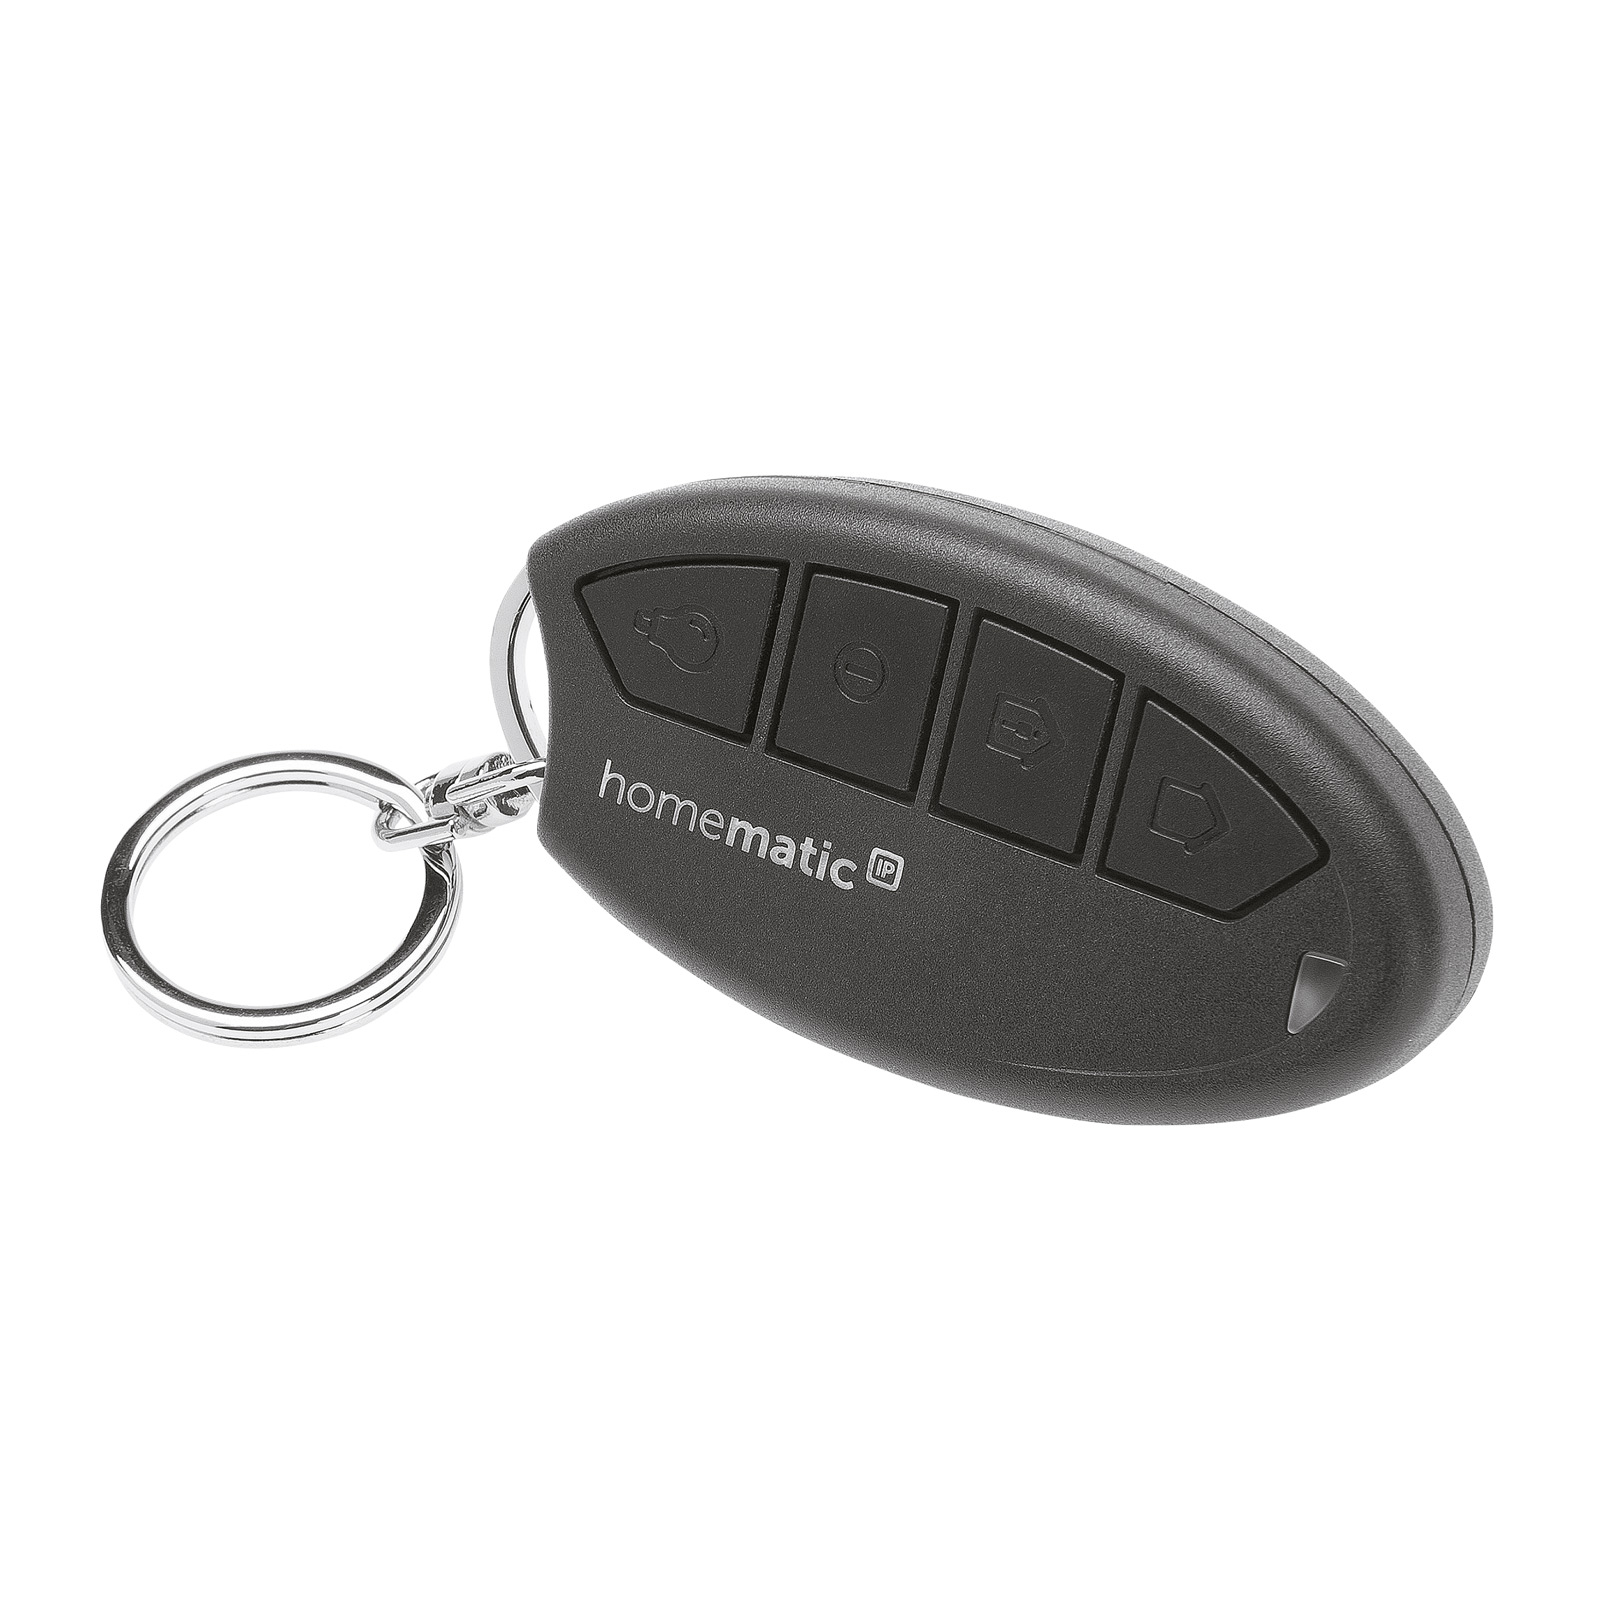 Homematic IP Schlüsselbundfernbedienung für Alarm